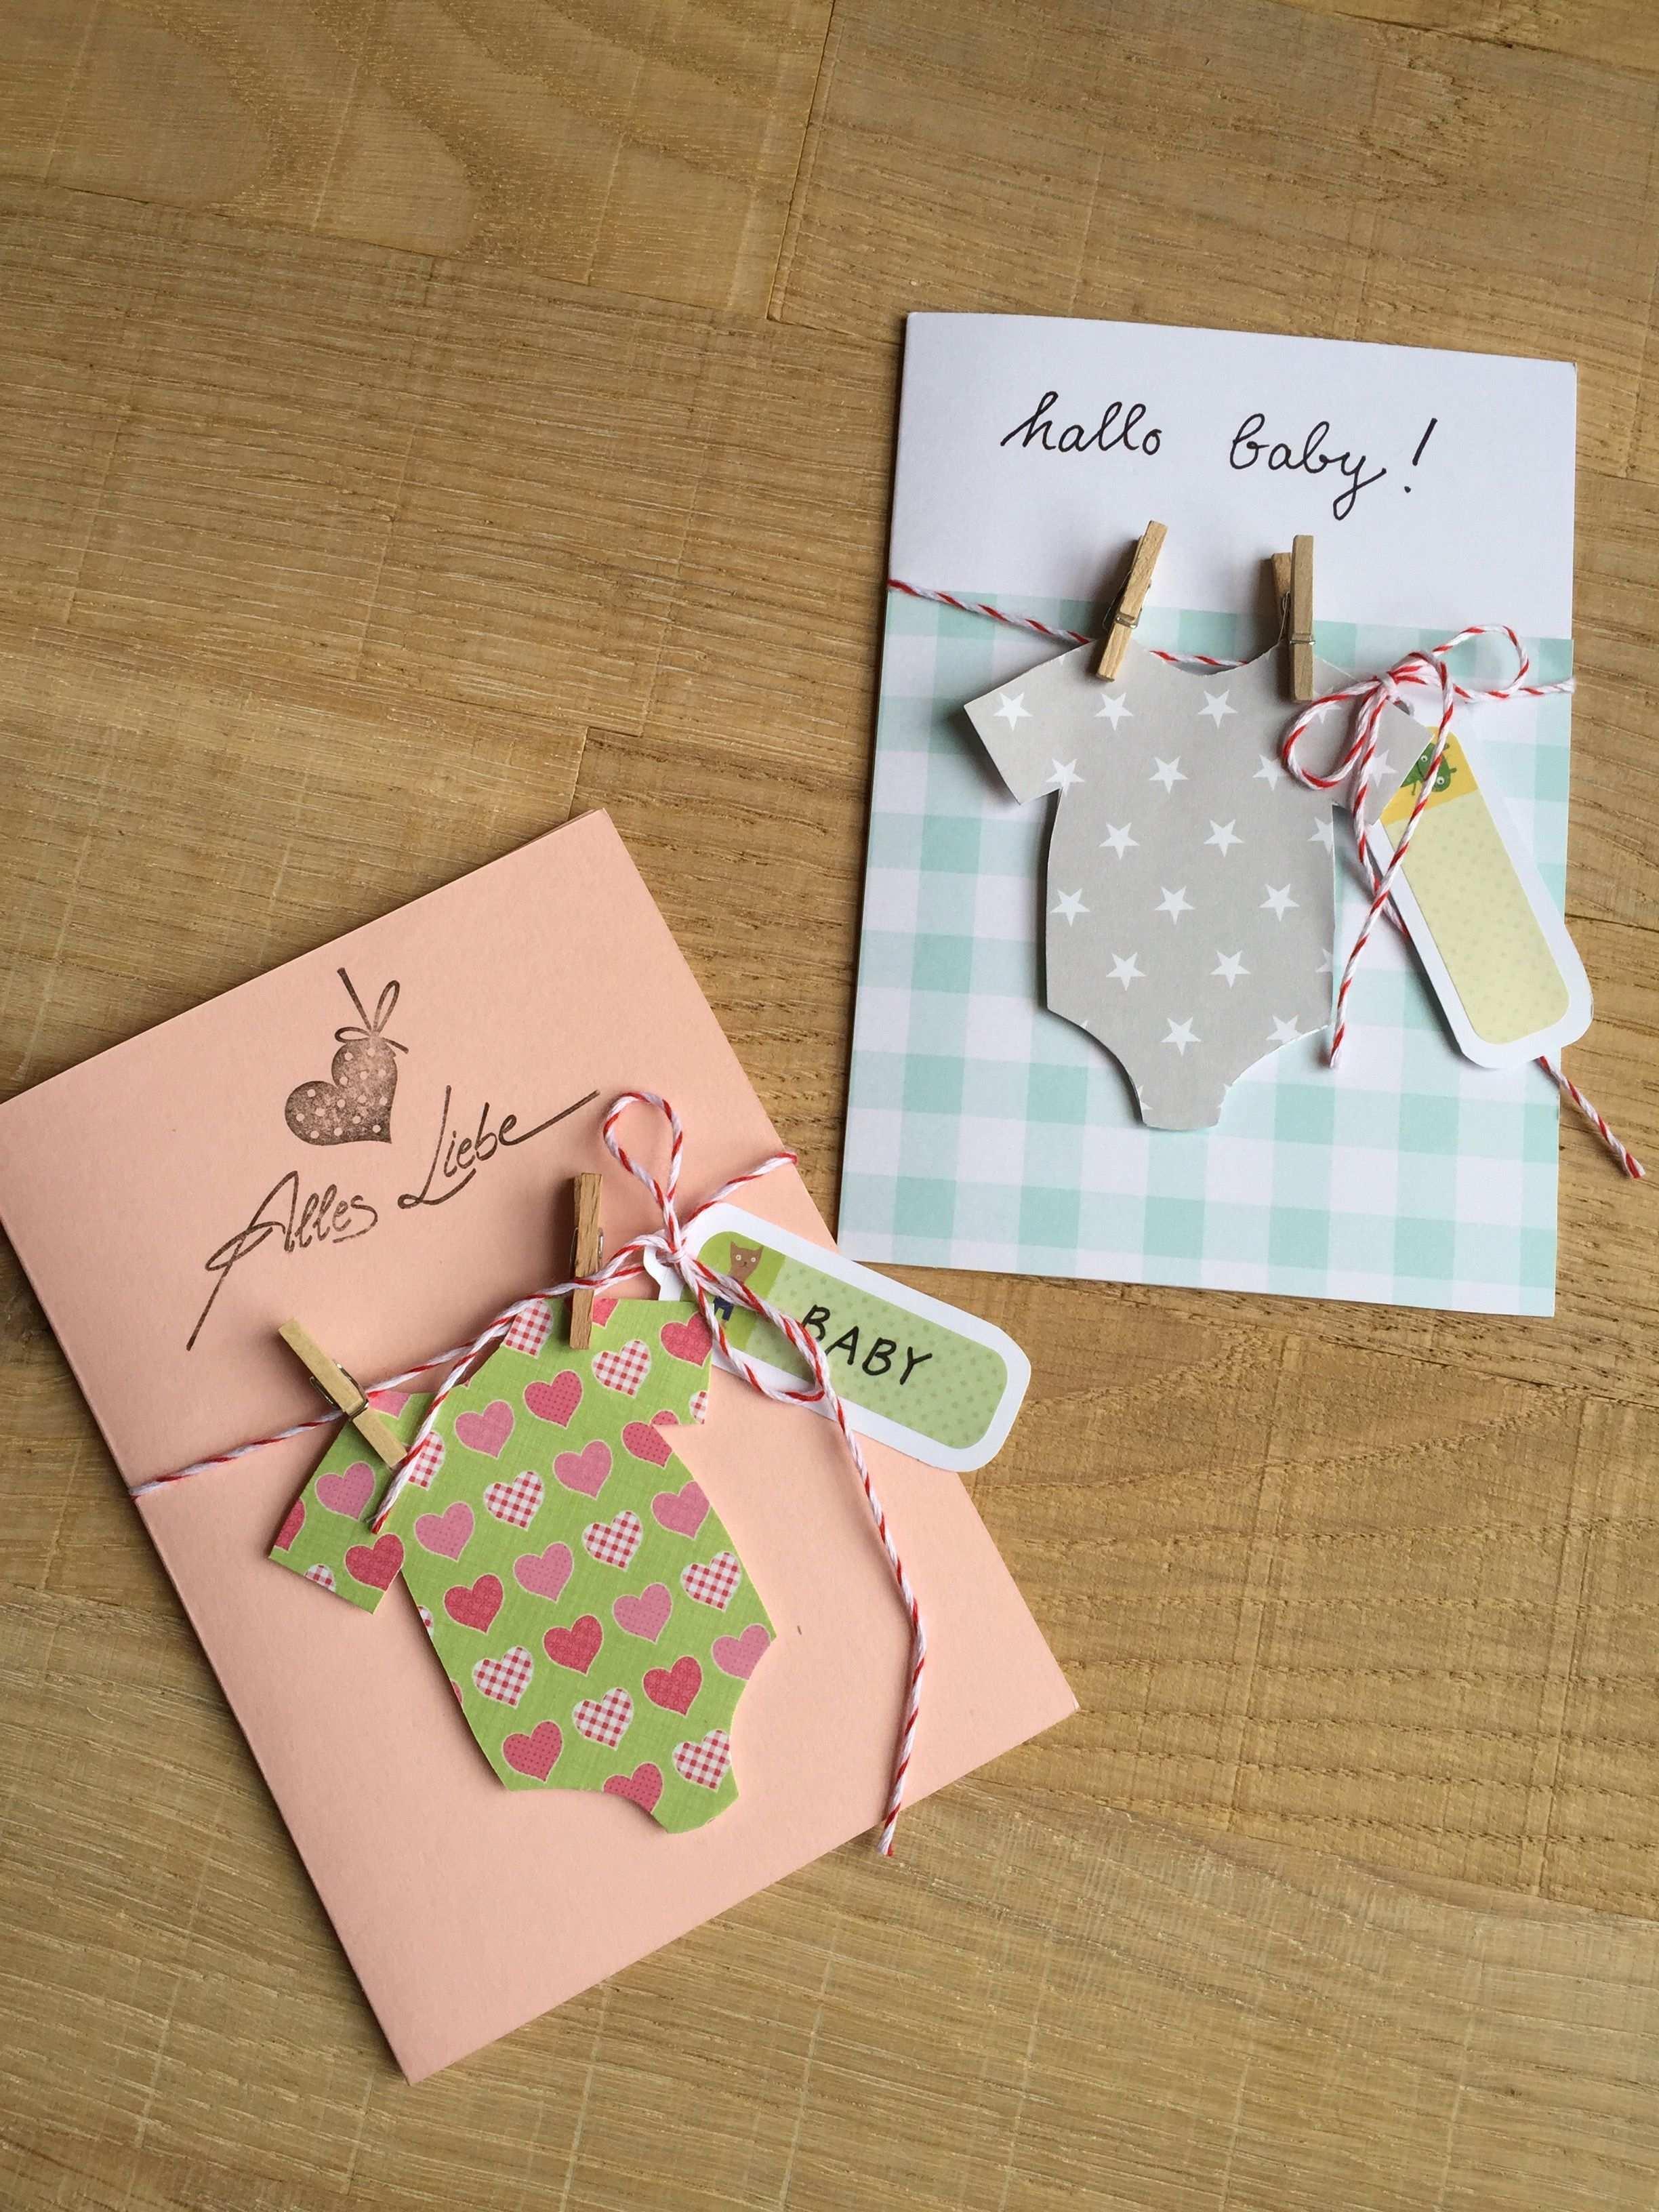 Gluckwunsch Karte Hallo Baby Karten Basteln Baby Karten Selber Basteln Geburtstagskarte